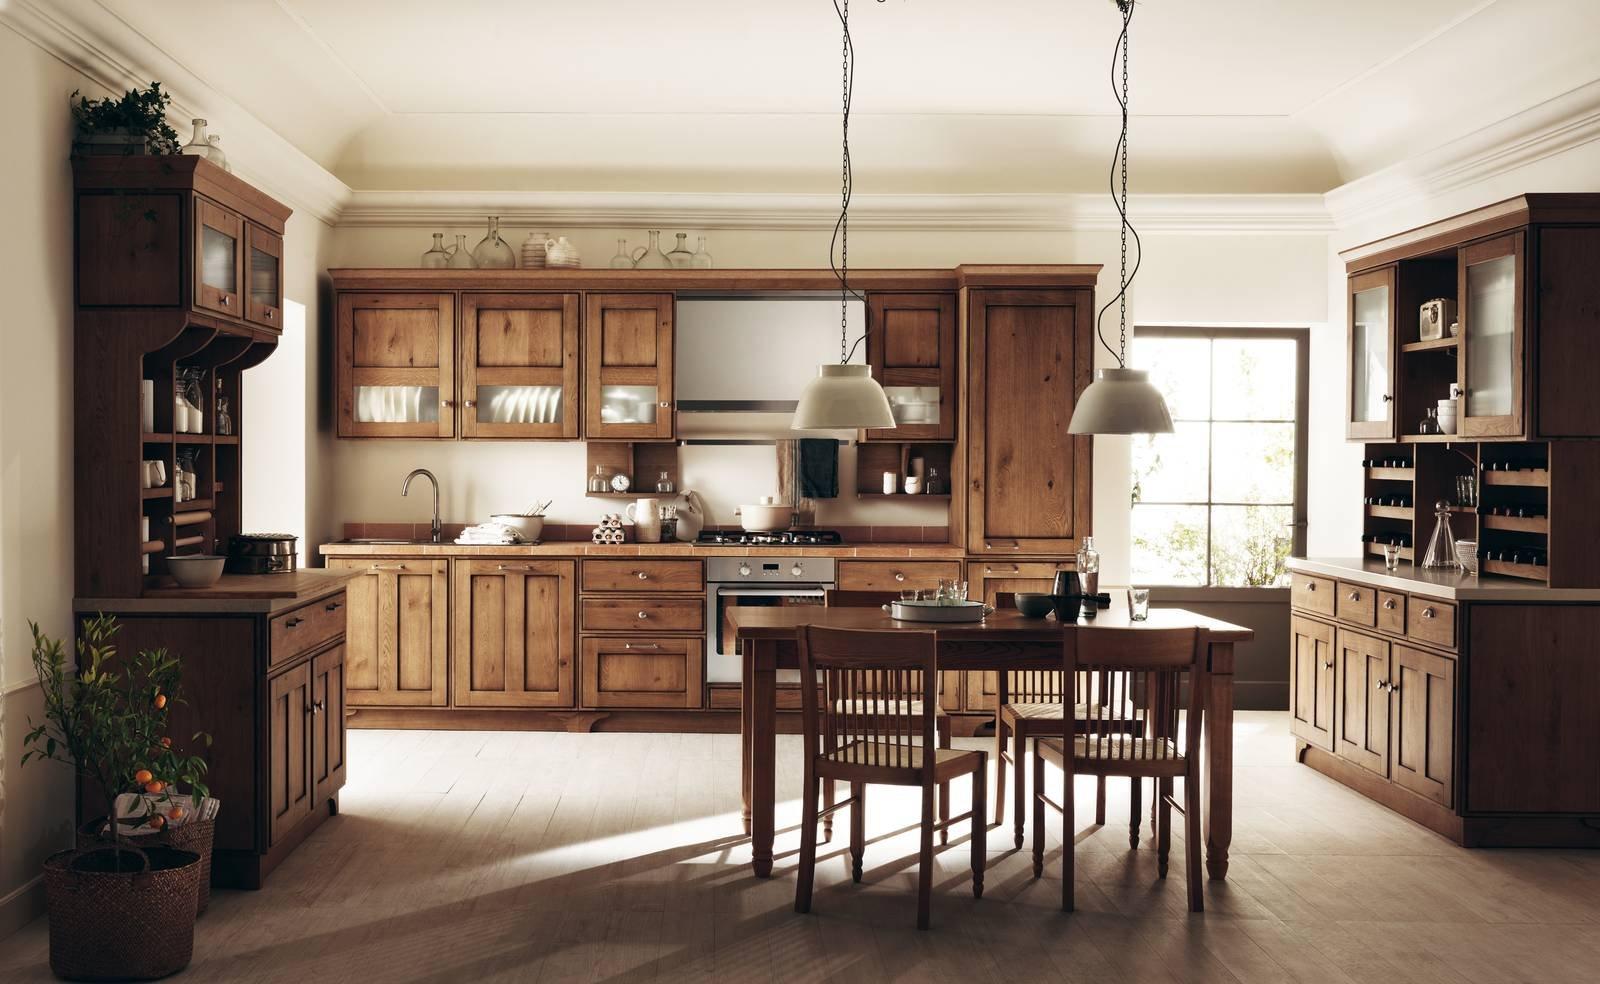 Scavolini favilla 76 cucine stile country cose di casa - Cucine scavolini country ...